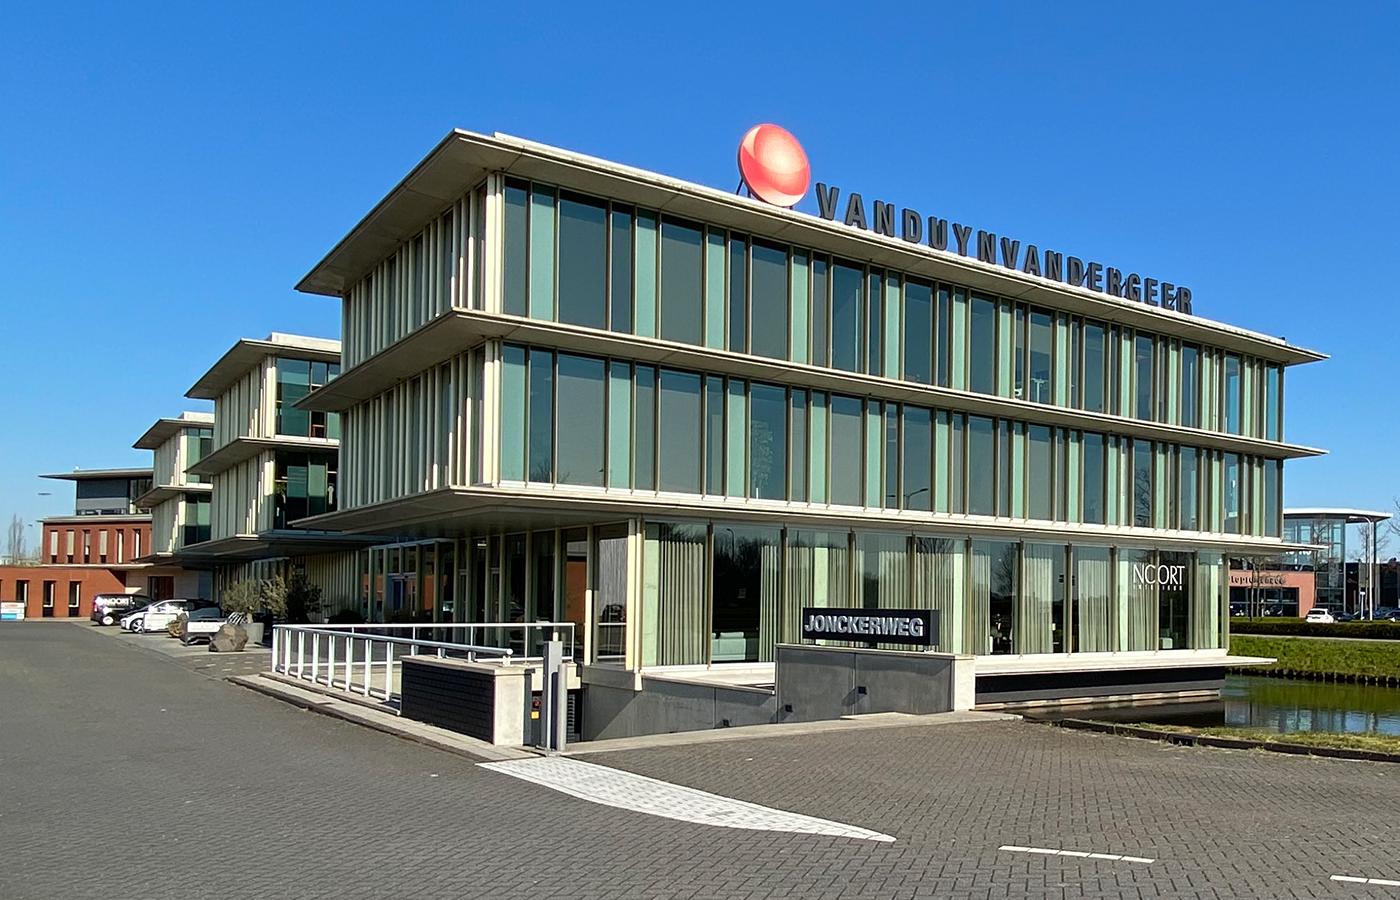 Kantorengebouw aan de Jonckerweg, gebouwd door Van der Wiel Bouw